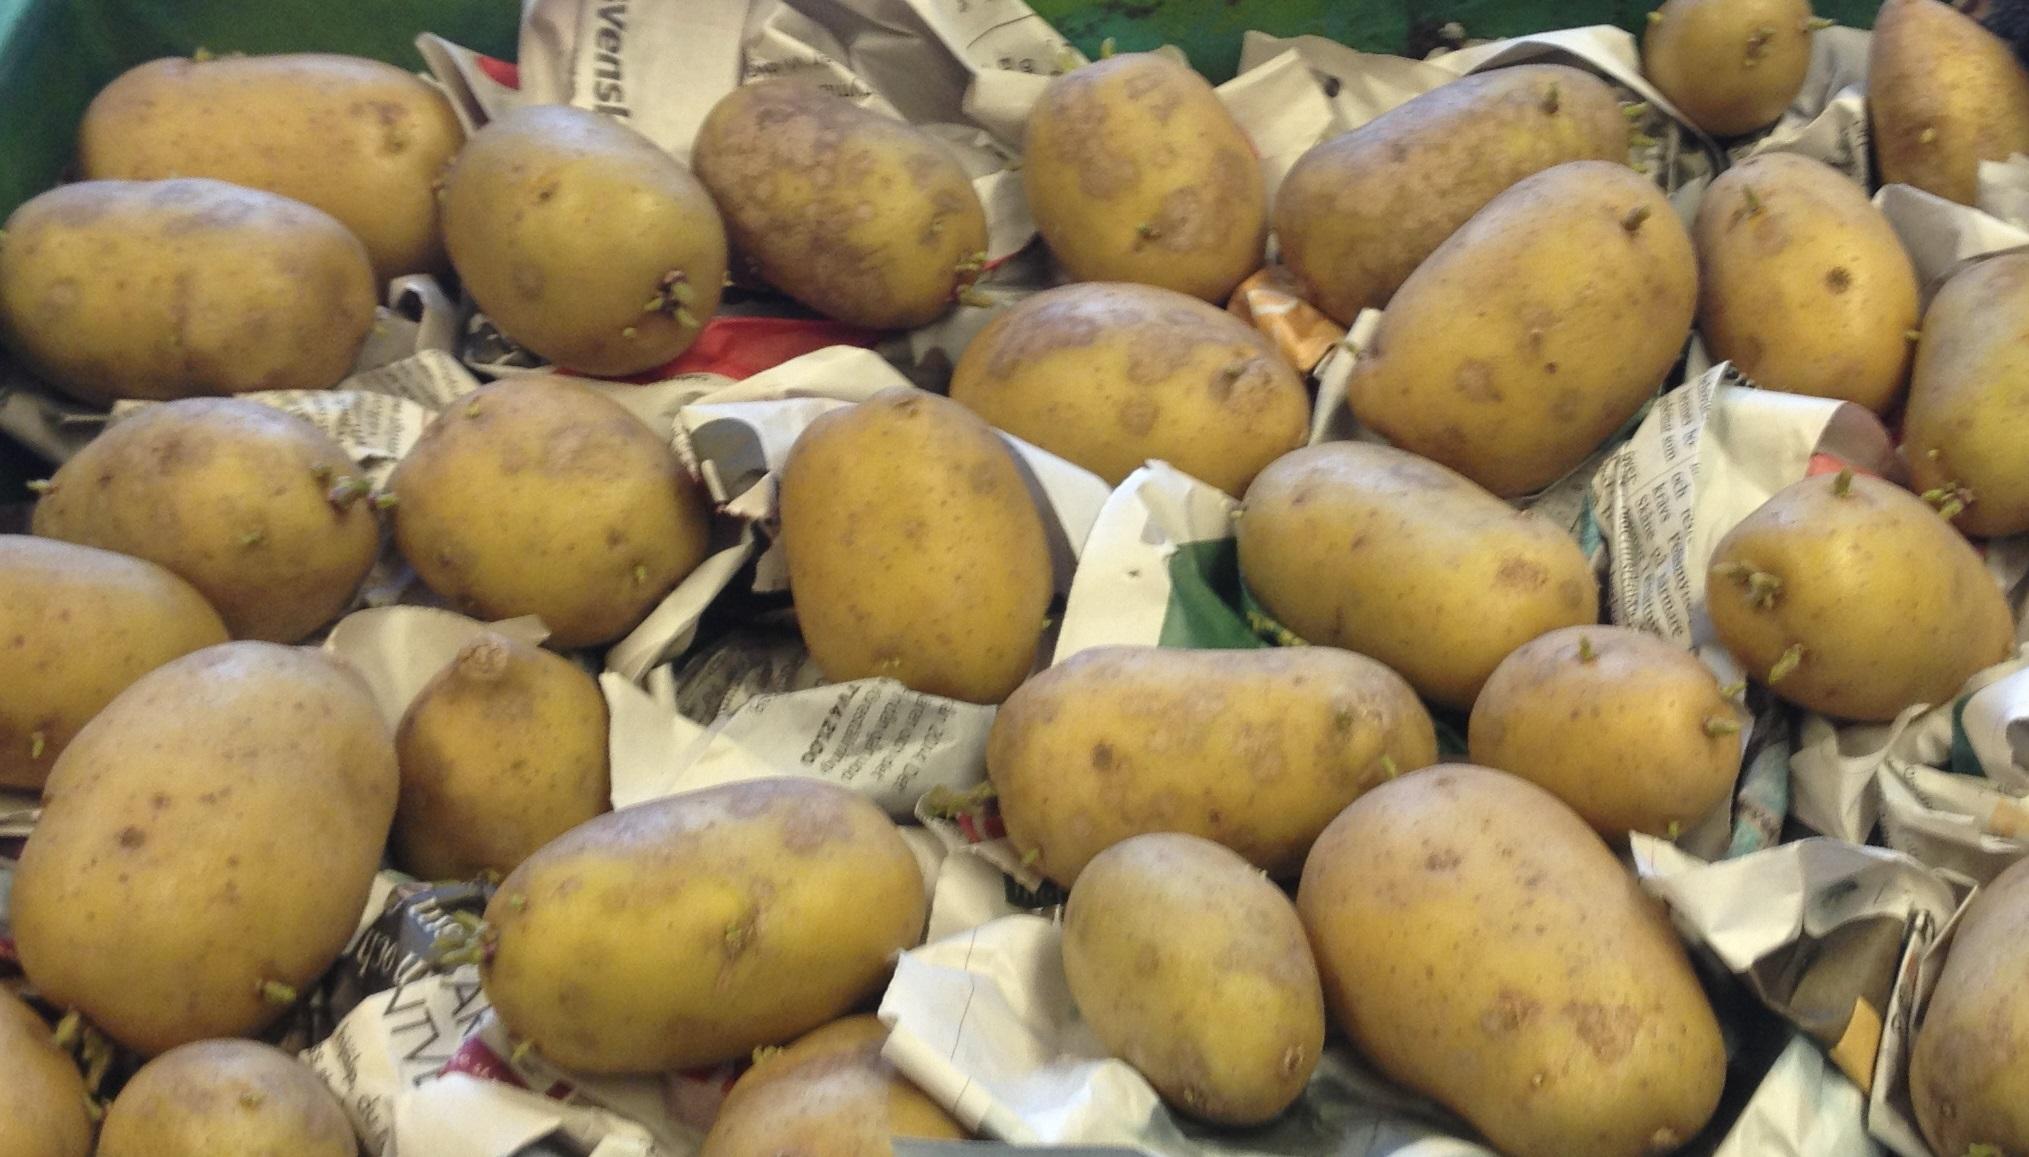 På bilden finns potatisar.